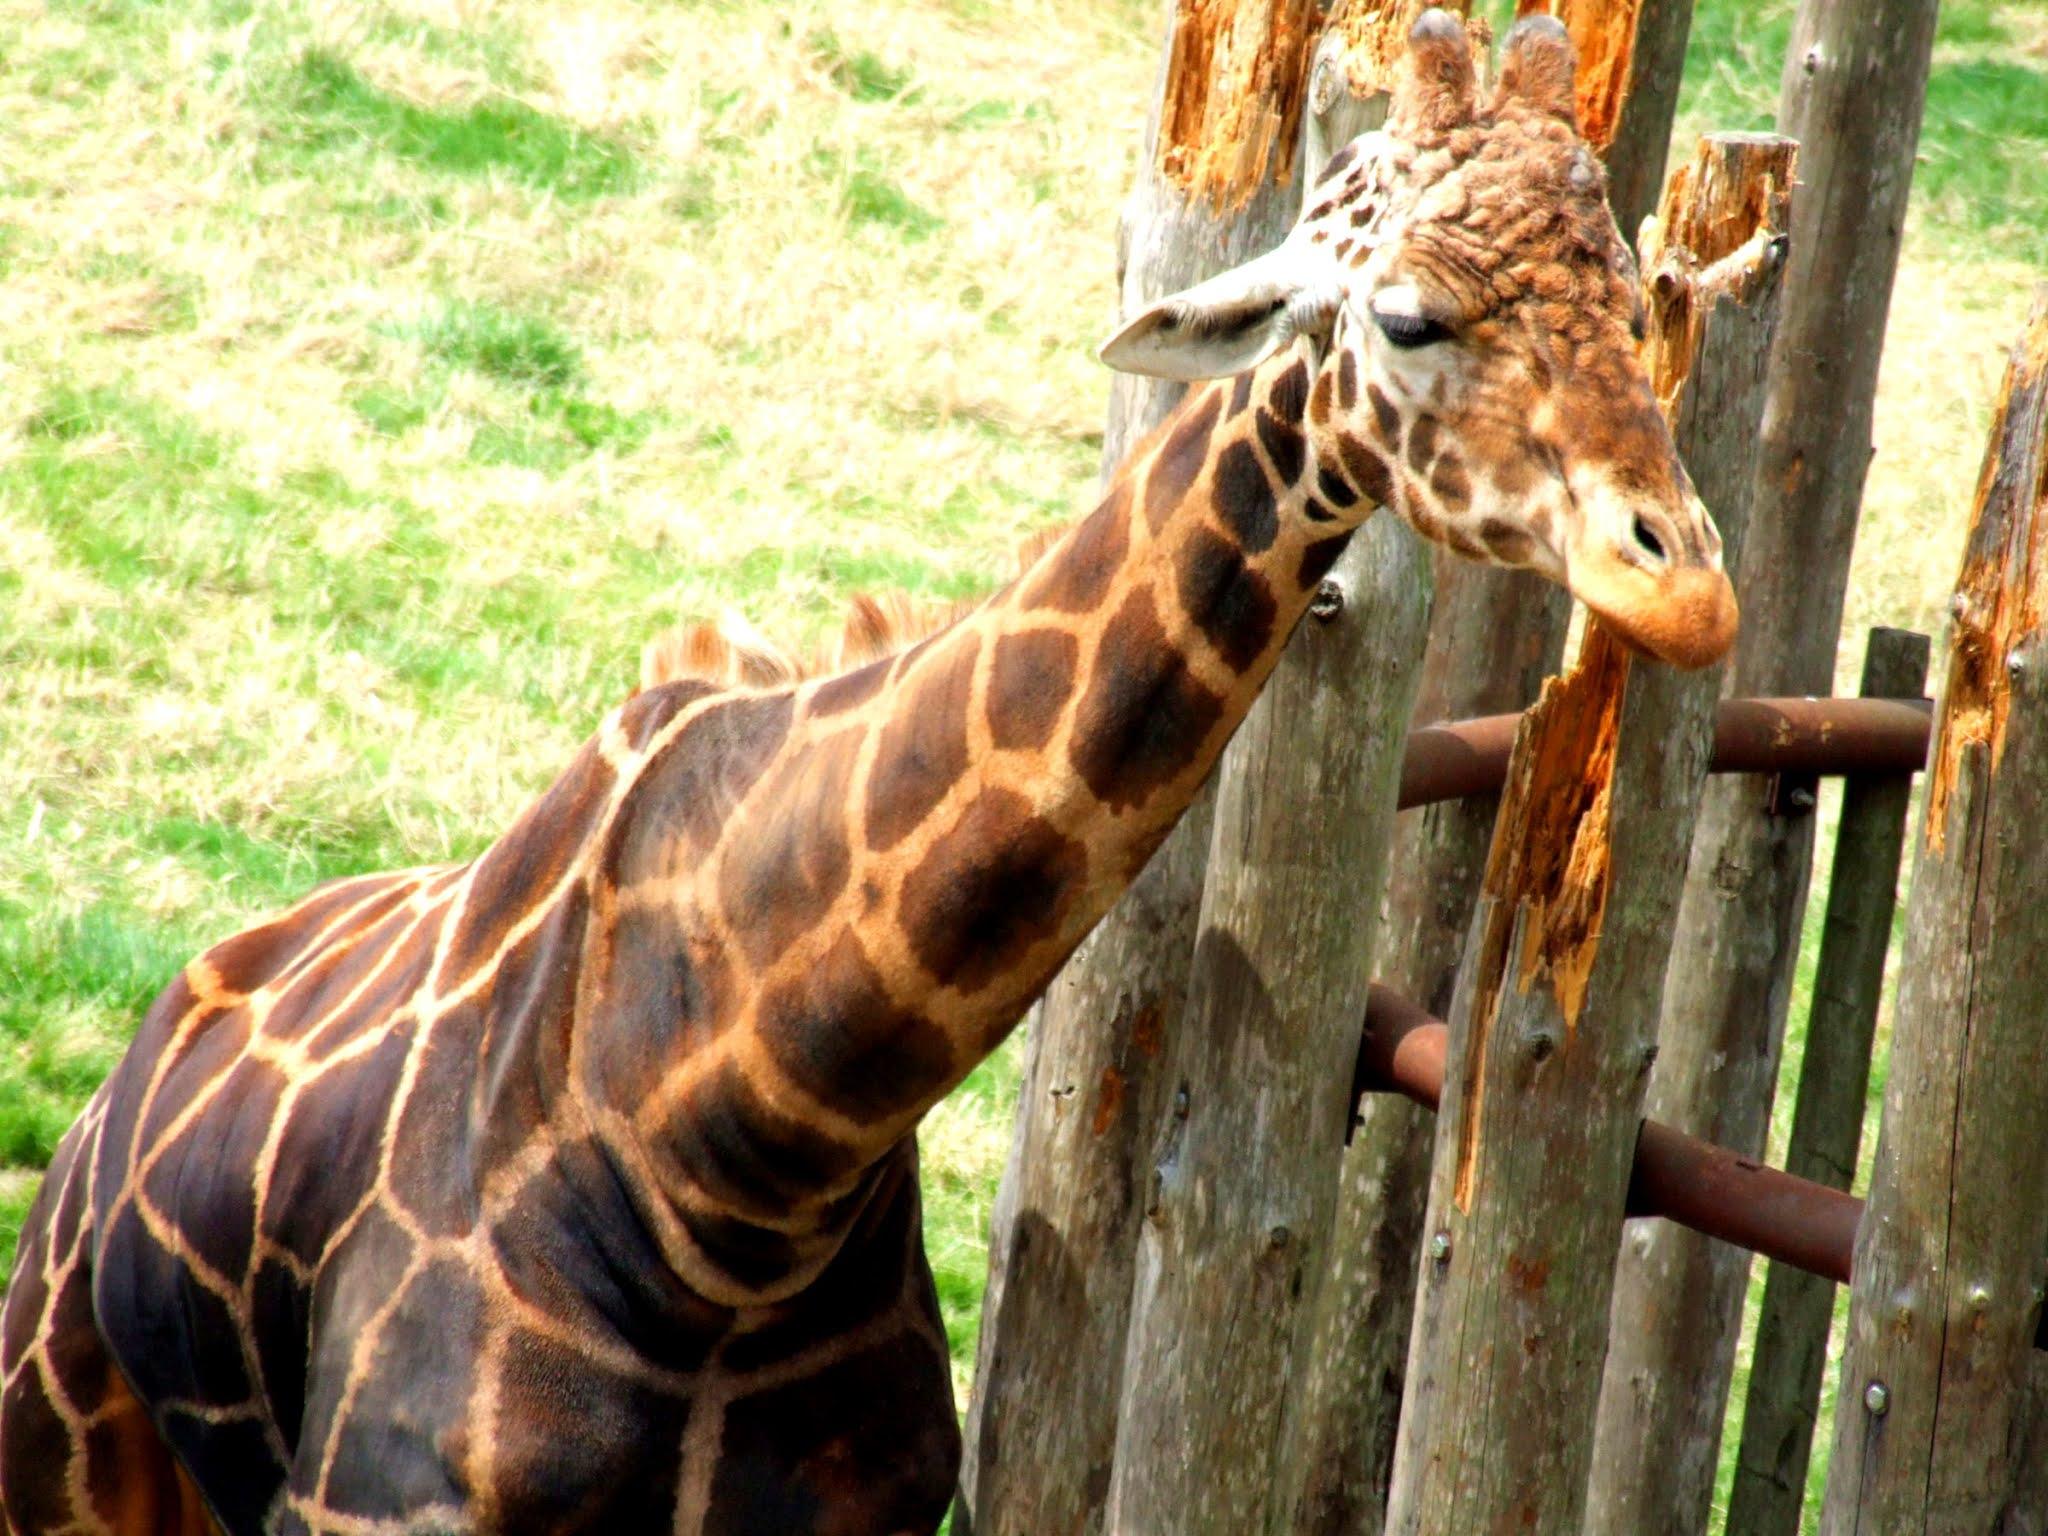 動物園のキリンさんの上半身の写真素材です。この写真をアップしている今日が6月21日で、夏至と世界キリンの日らしいので慌ててアップしてみました!